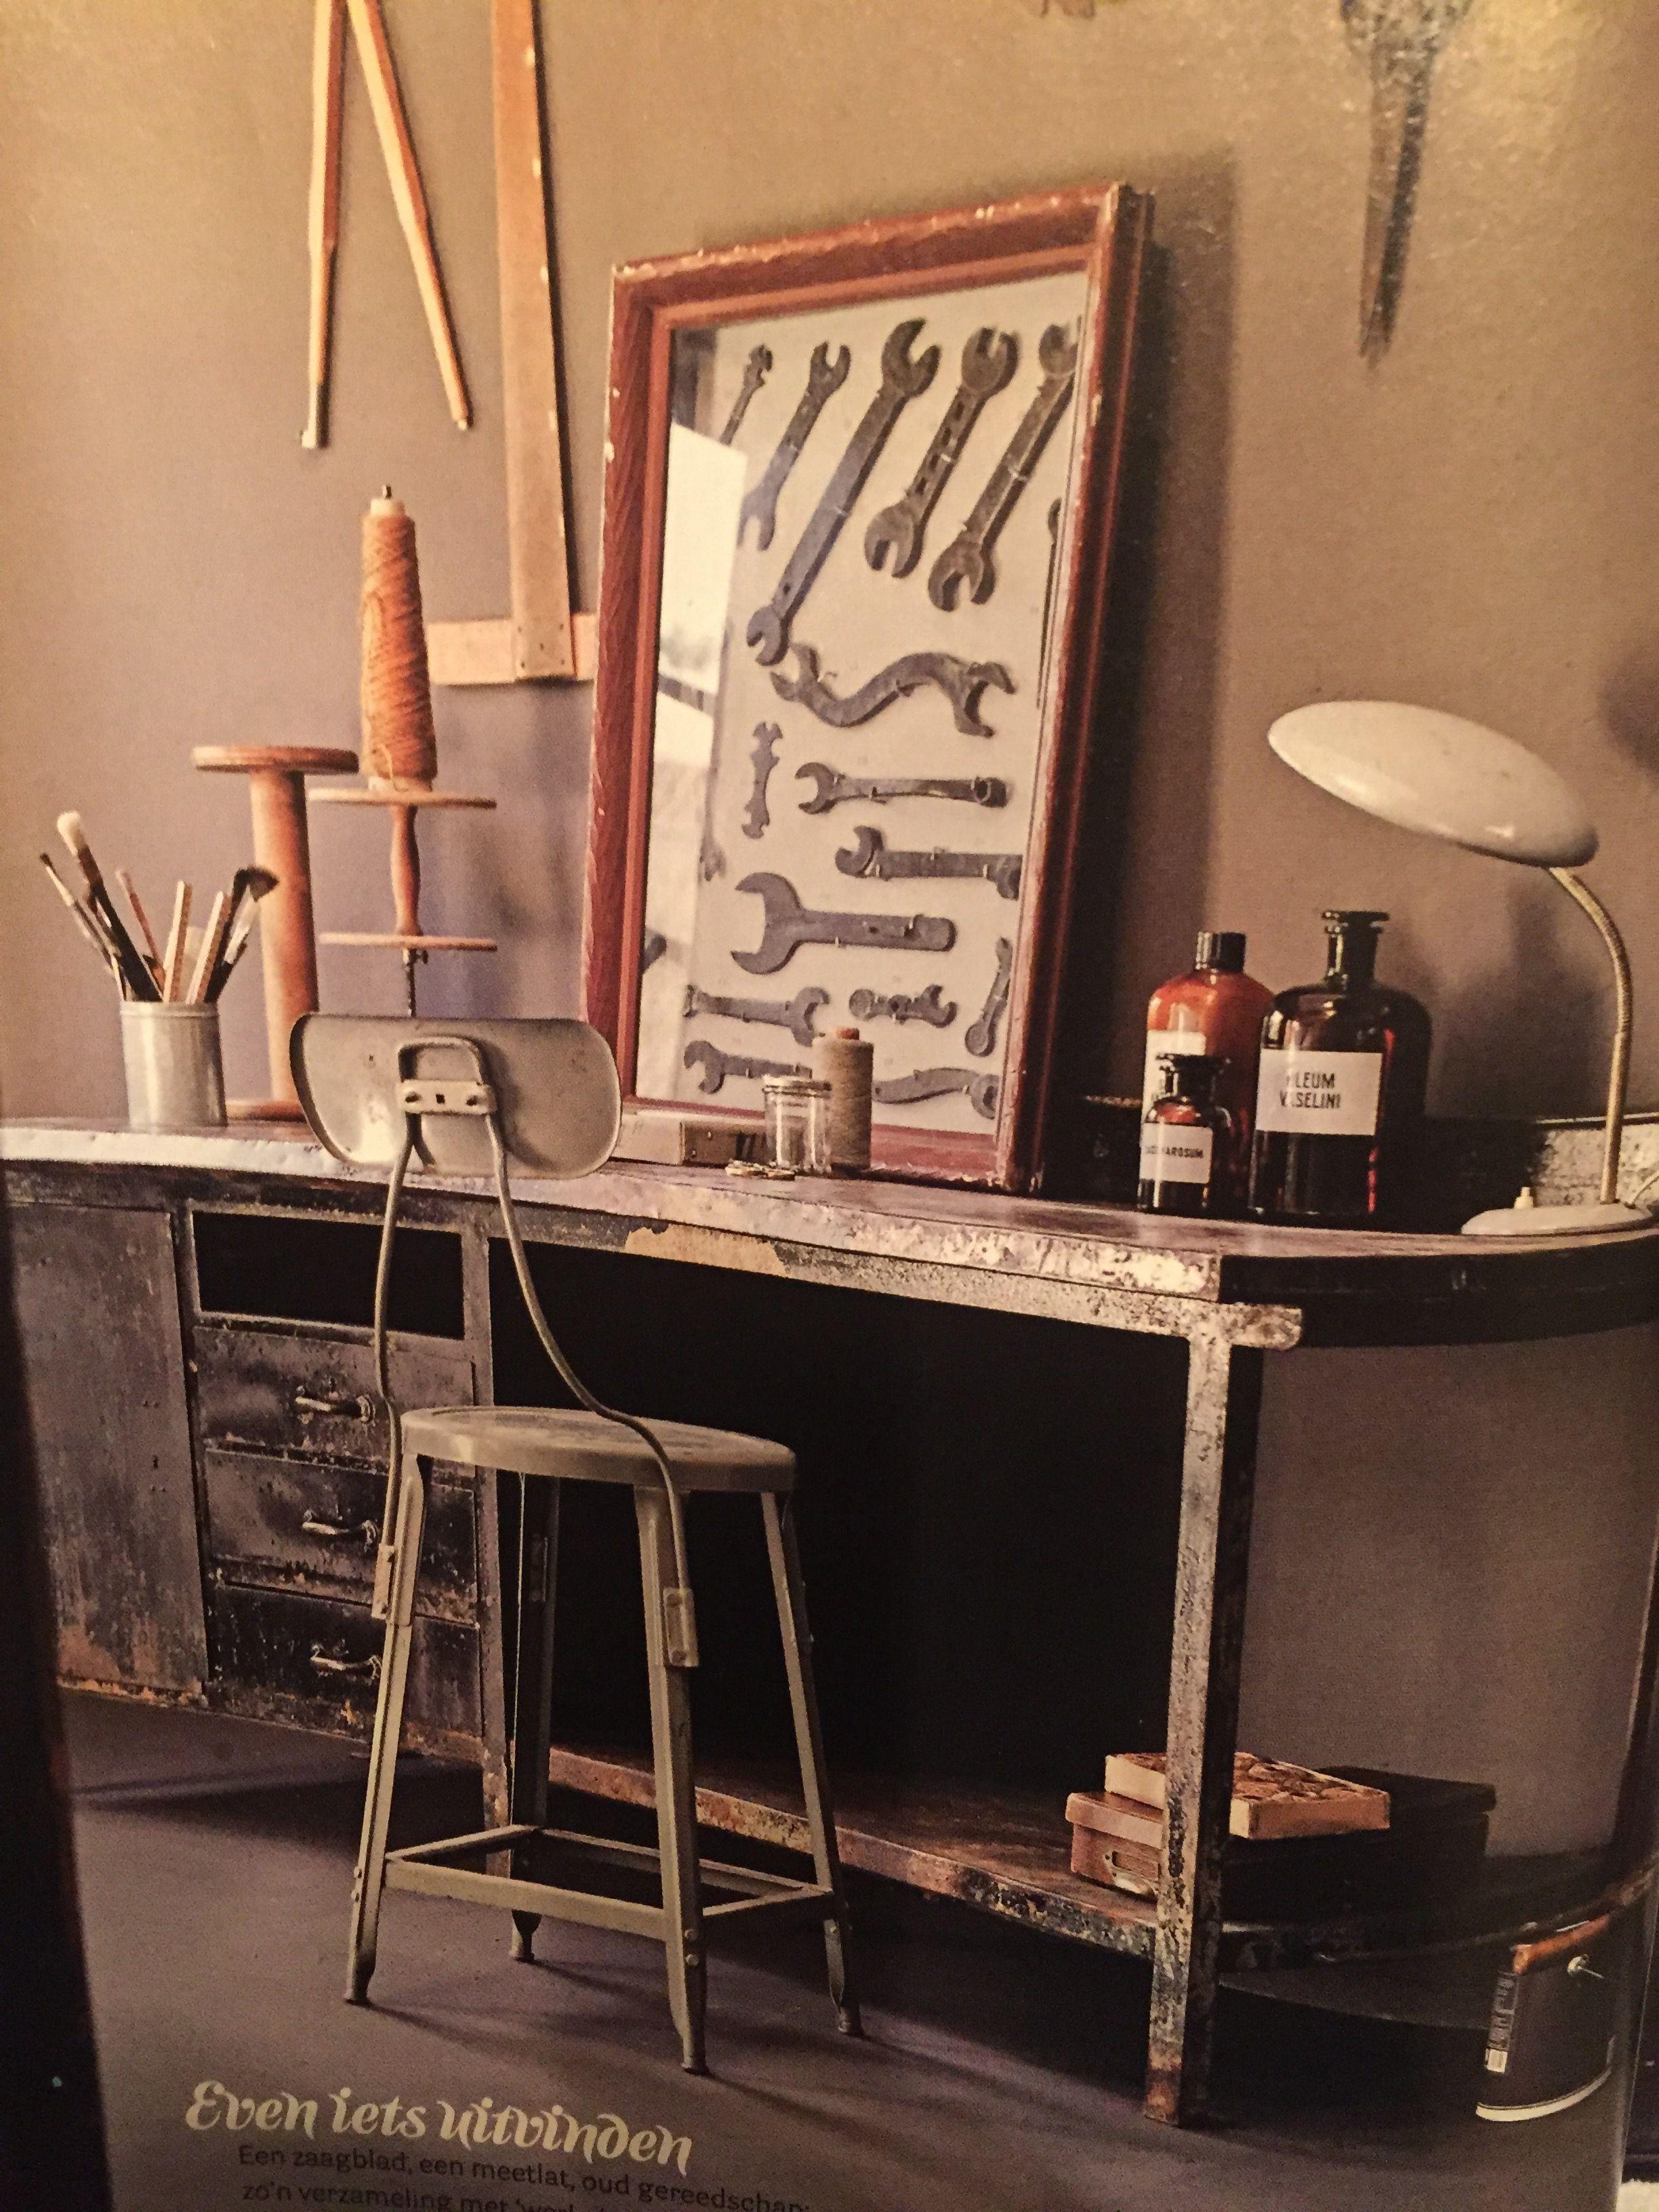 Uit vt wonen van oktober mooie werkplek idee n voor het huis woonkamer pinterest - Tafel treku ...